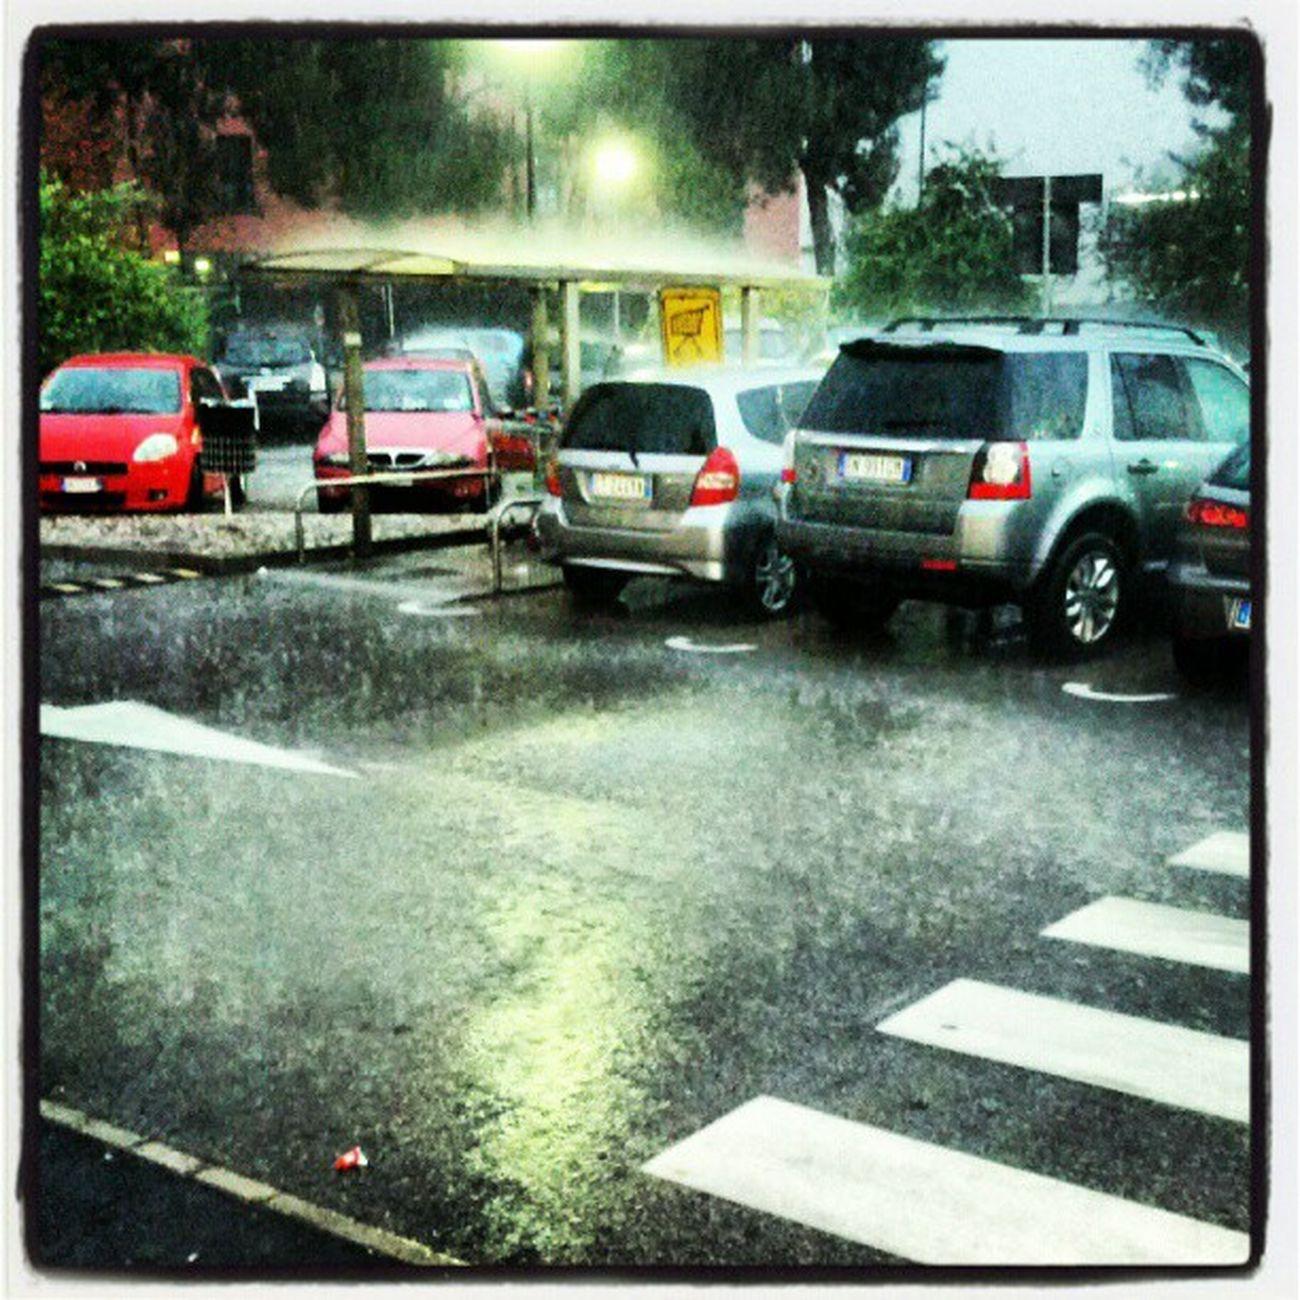 Bloccato dal nubifragio #rain #secontinuacosìsiguastailtempo Rain Secontinuacosìsiguastailtempo